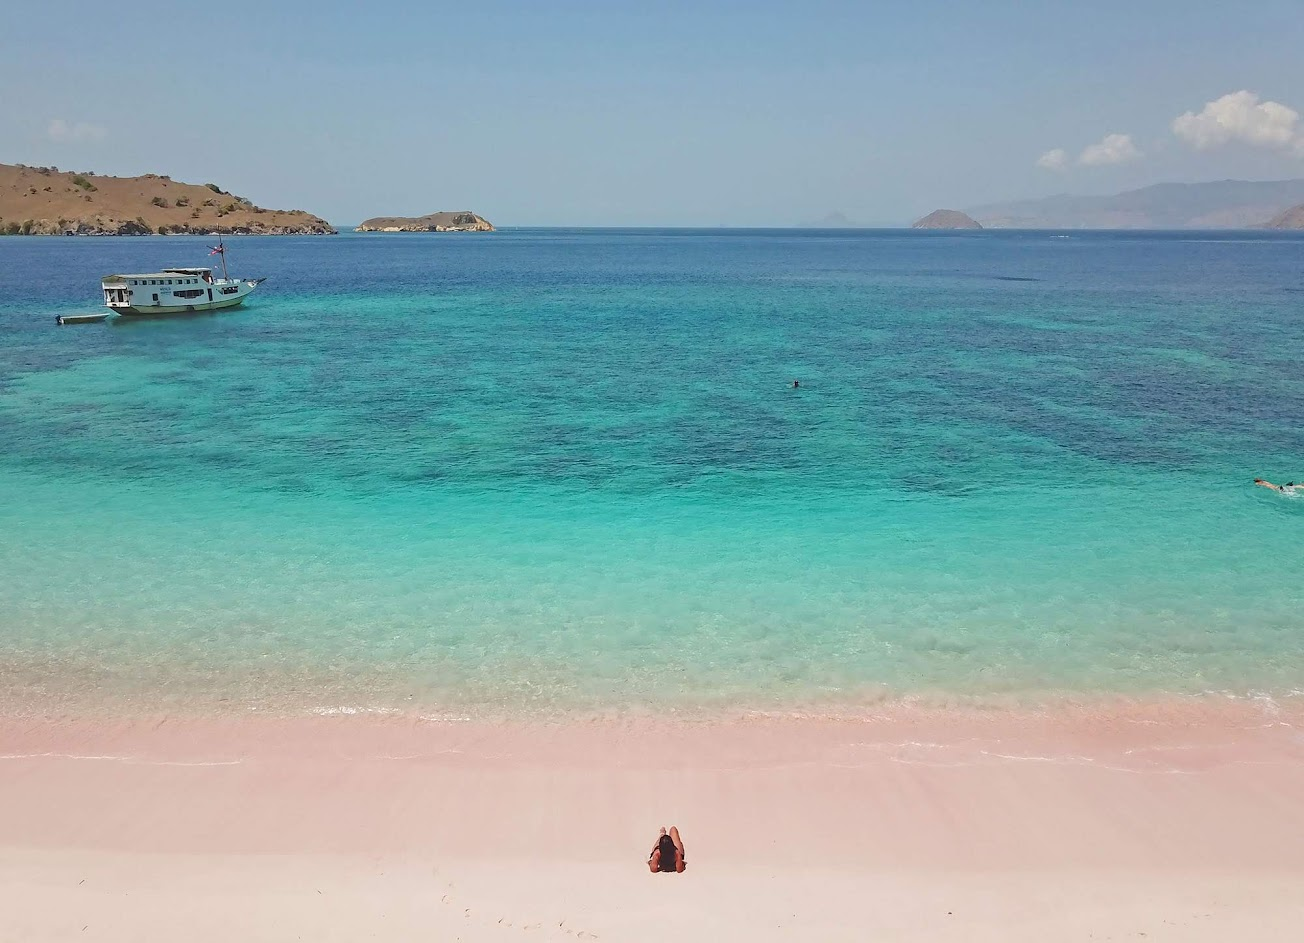 VIAJAR NAS FLORES – INDONÉSIA | Dicas, roteiro de viagem (dia-à-dia) e o que visitar na ilha das Flores